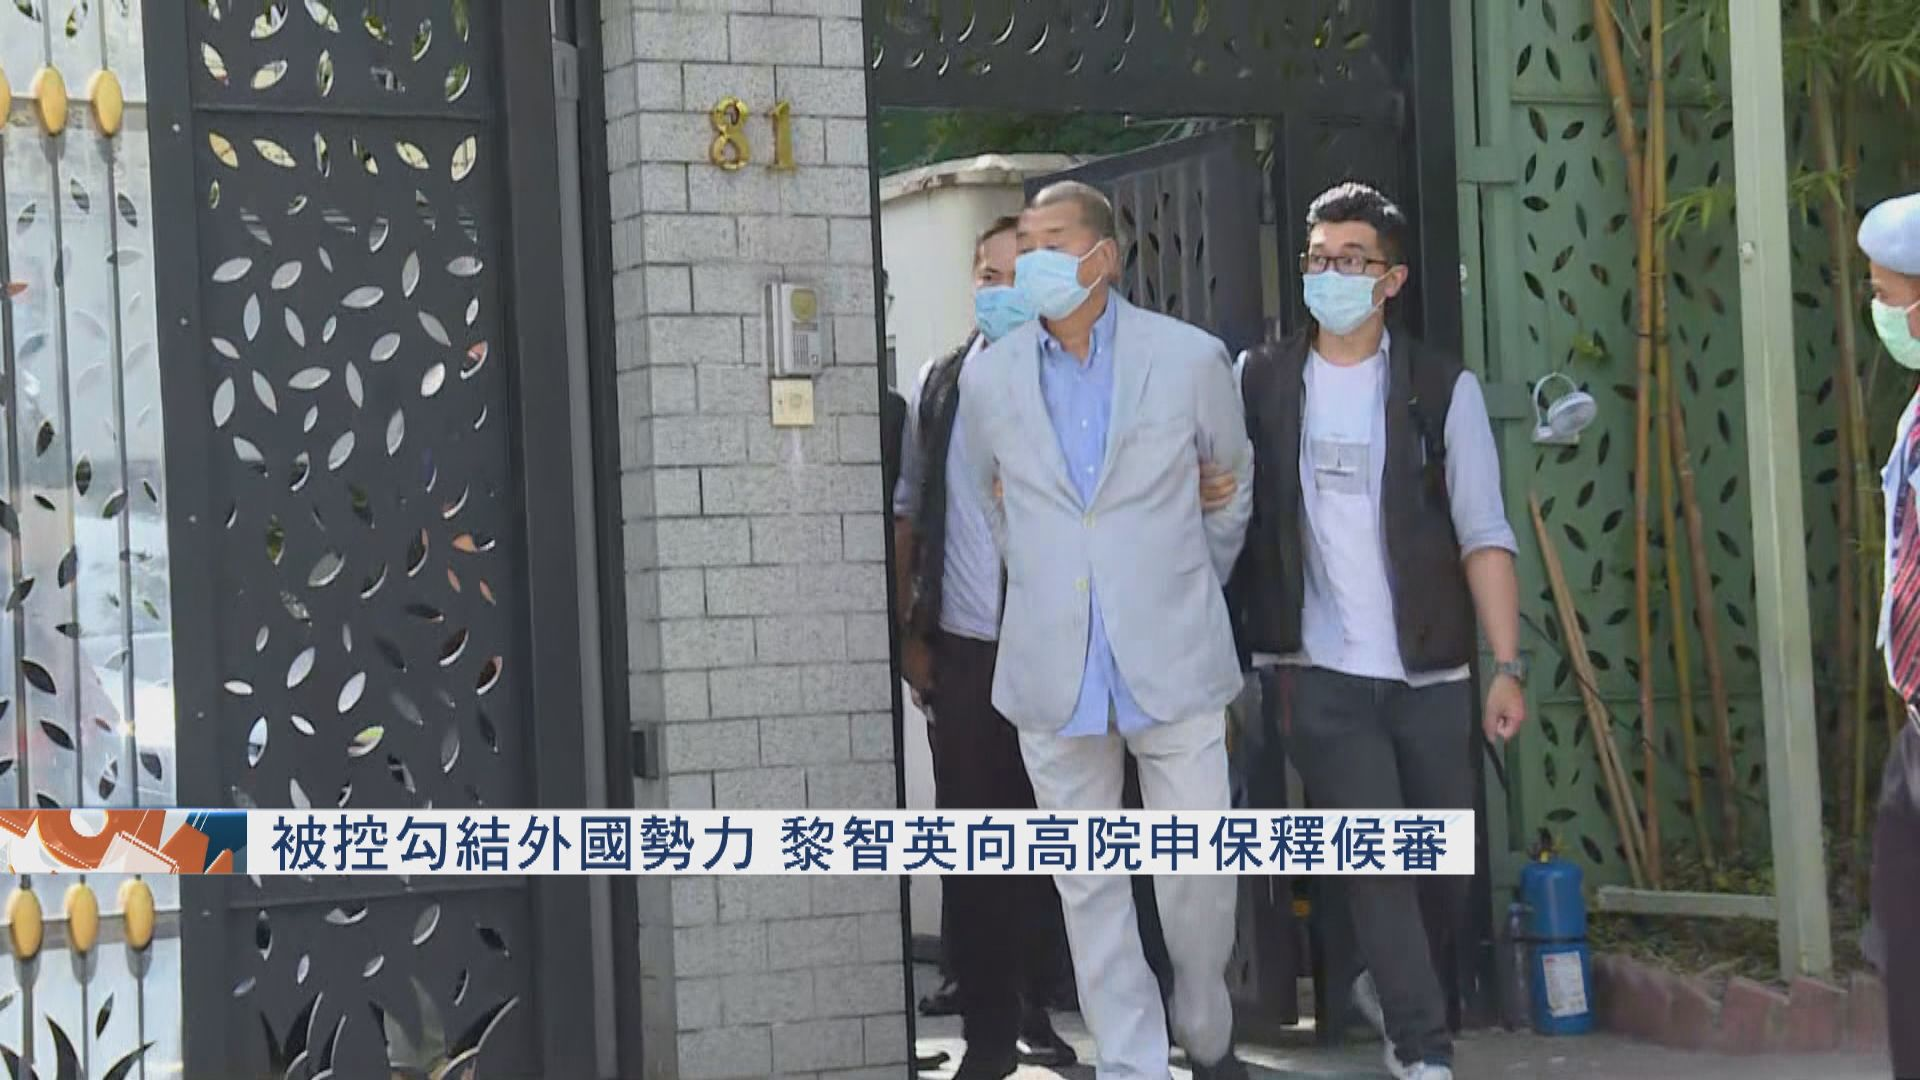 被加控勾結外國勢力 黎智英向高院申請保釋候審